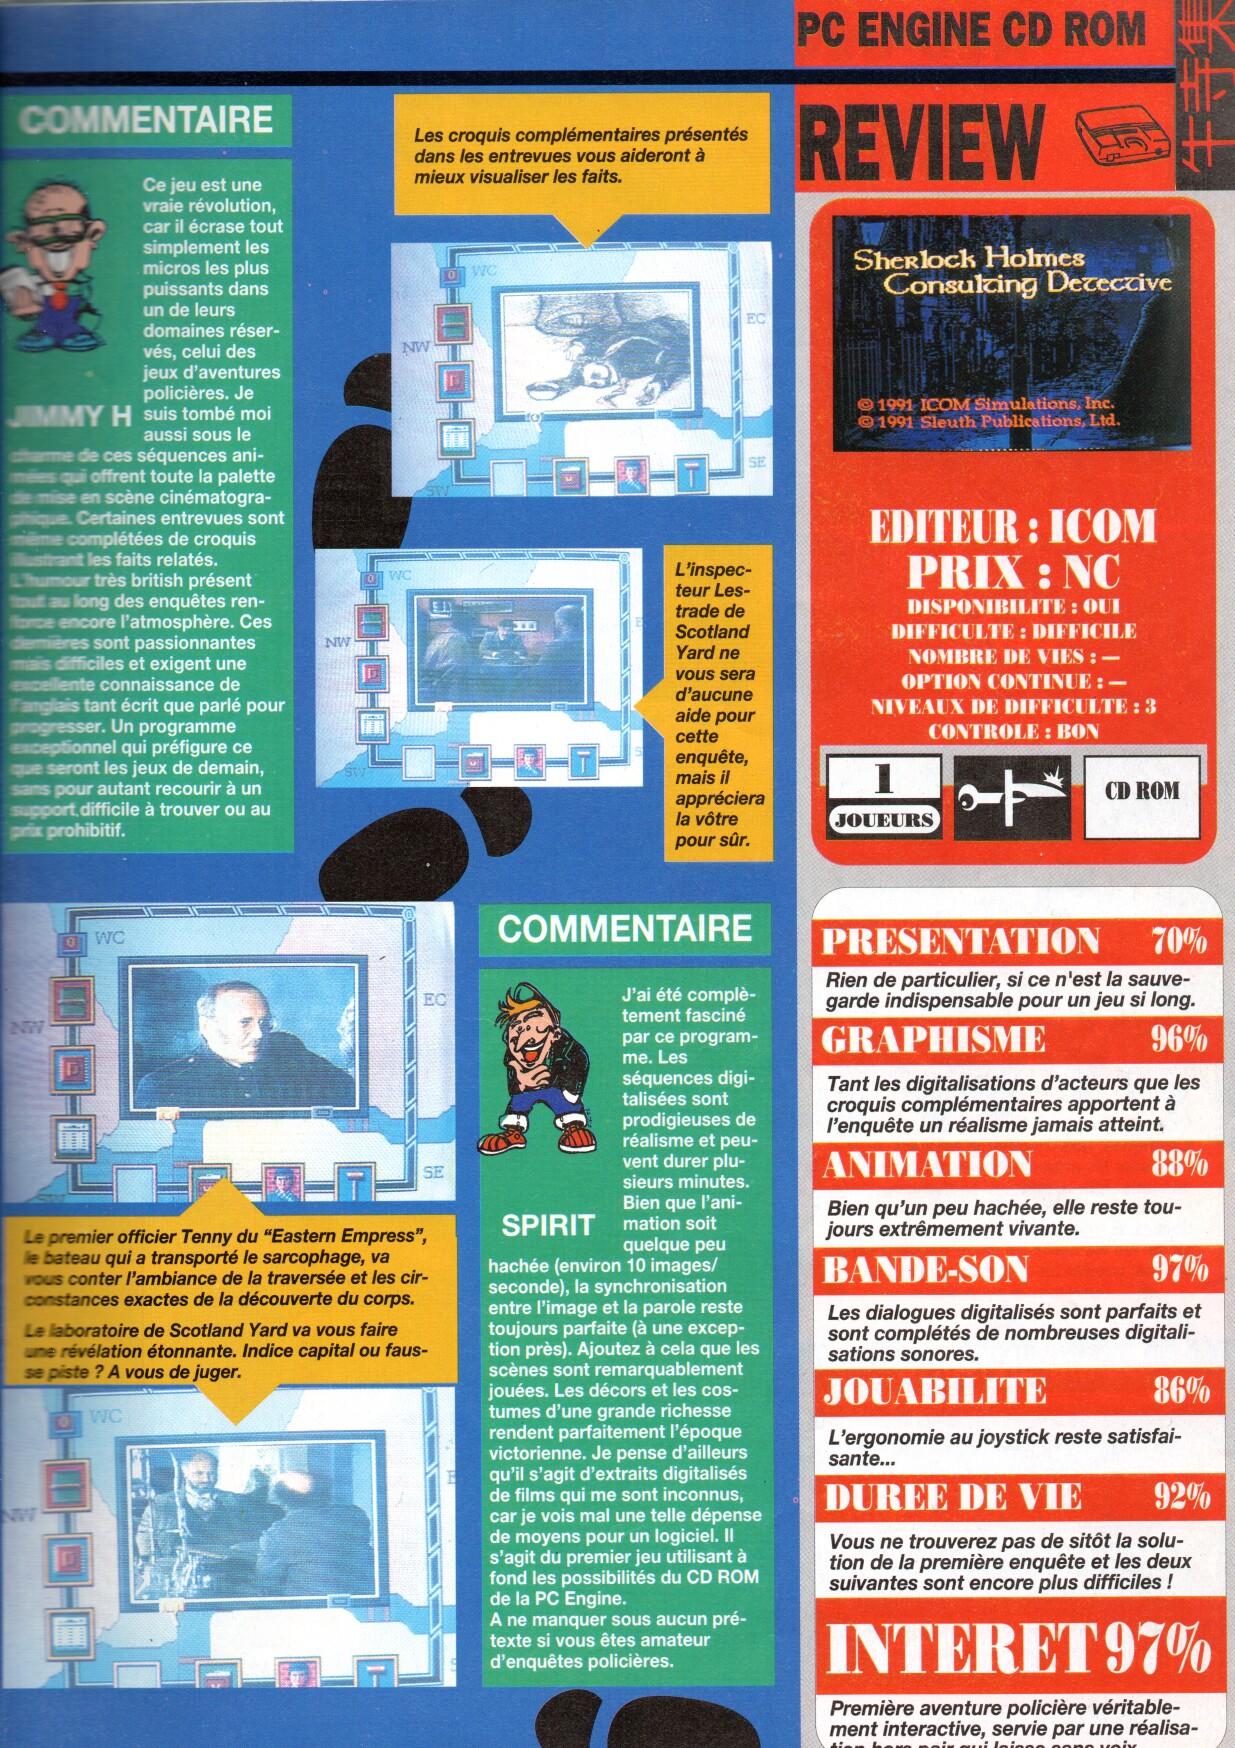 [Dossier] Les jeux d'aventure & point and click sur console (version boite) - Page 5 Consoles%20%2B%20005%20-%20Page%20033%20%28janvier%201992%29